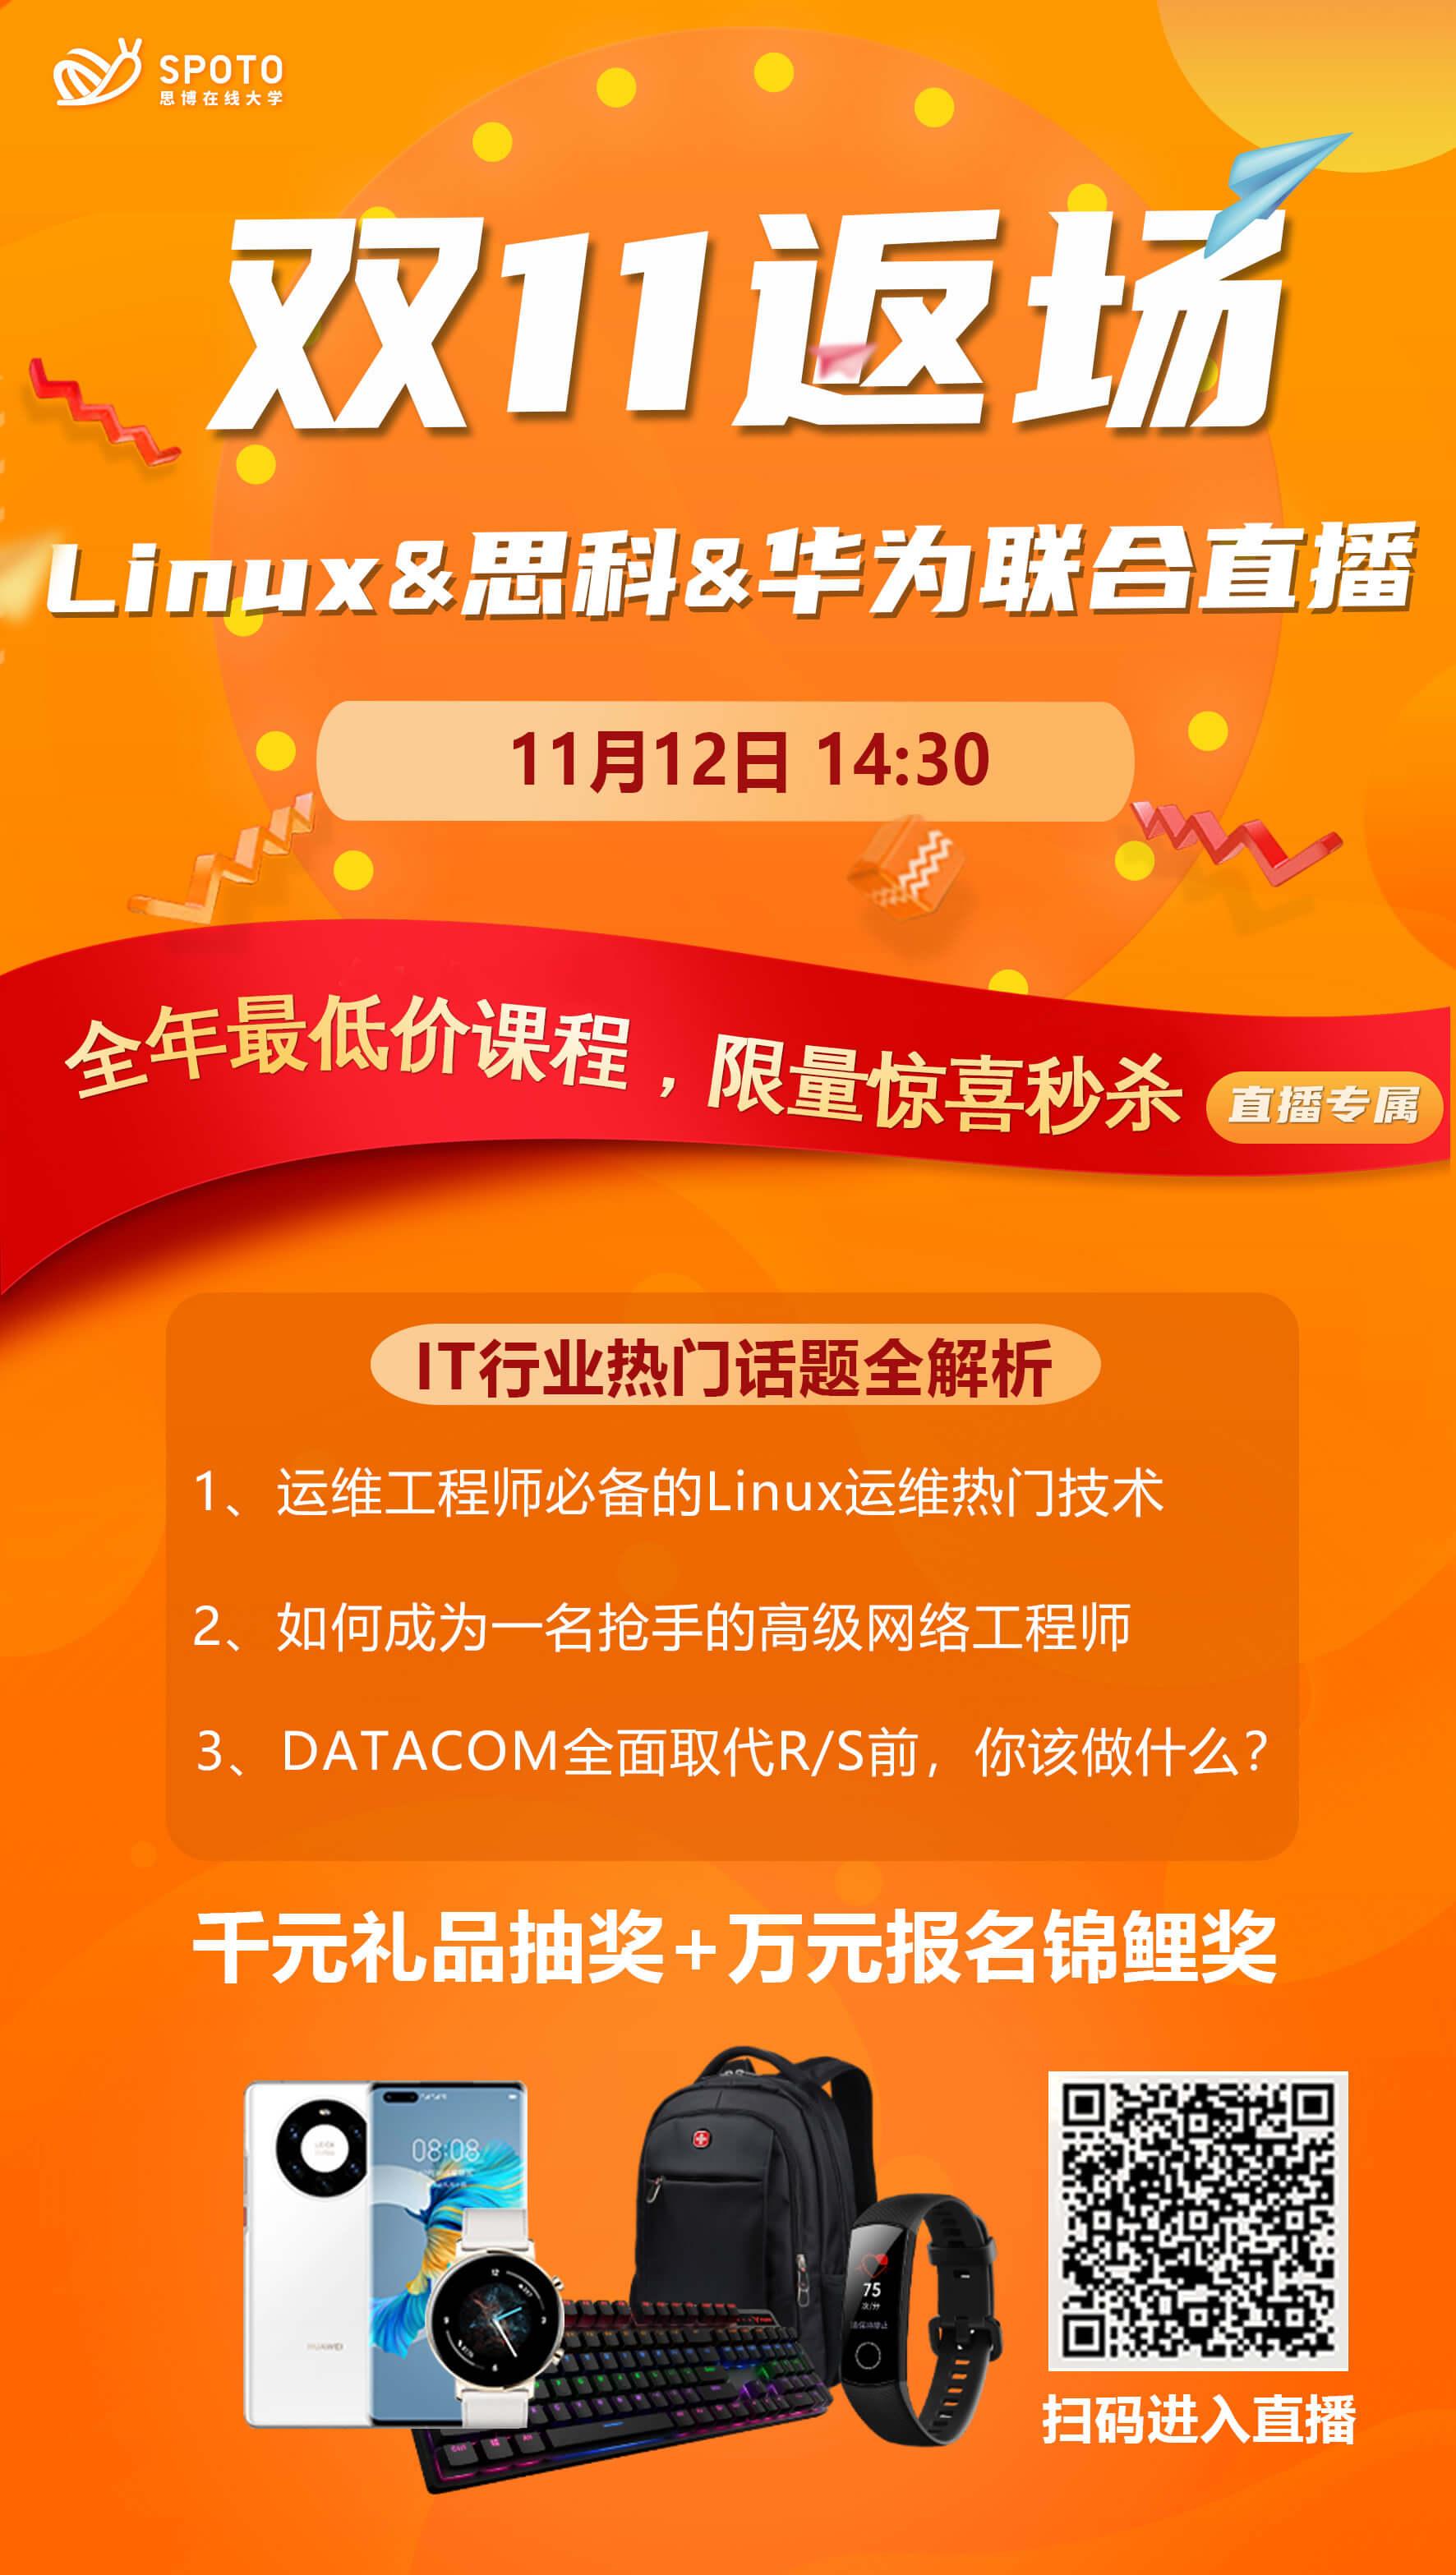 思博双11返场-Linux&思科&华为联合直播